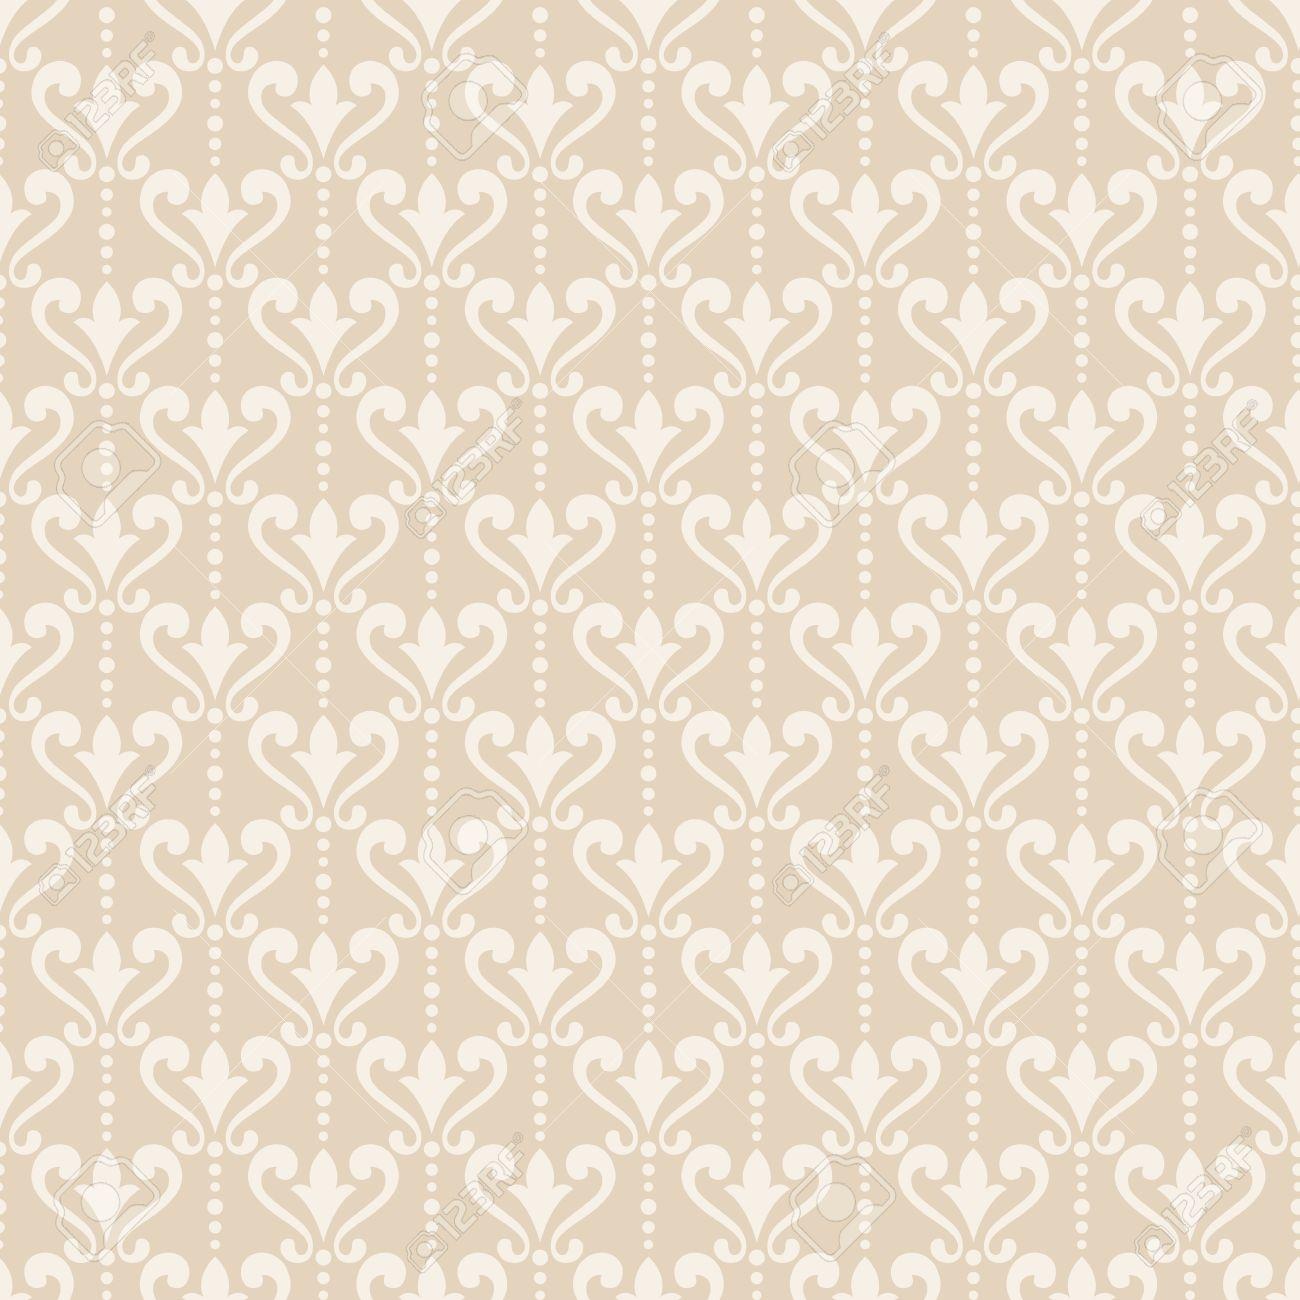 56439258 damask wallpaper elegant background in victorian style elegant vintage ornament in neutral colors ve